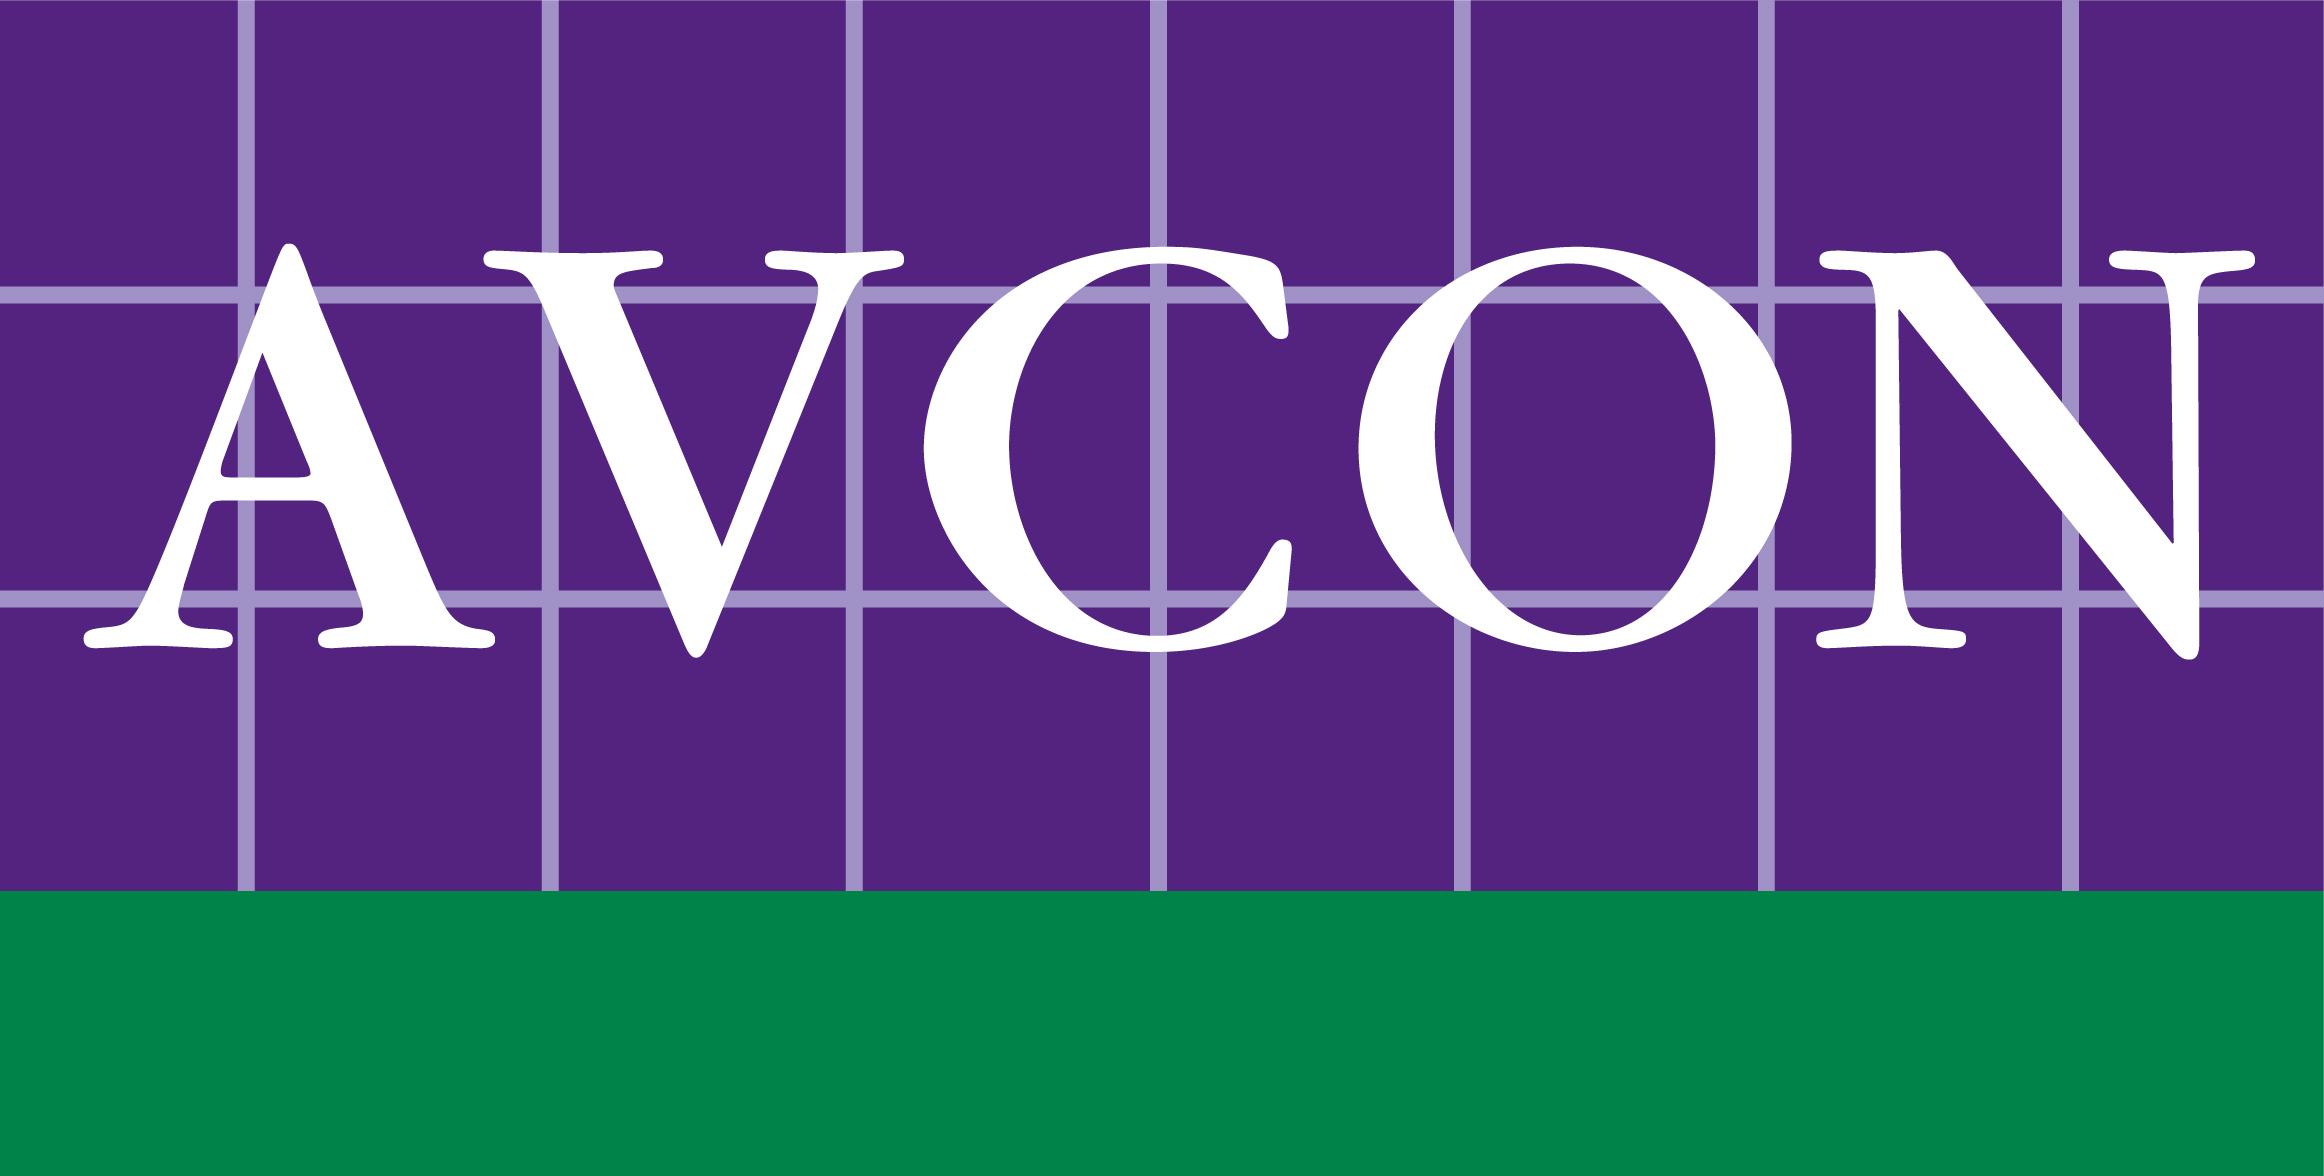 client-logos-Avcon logo